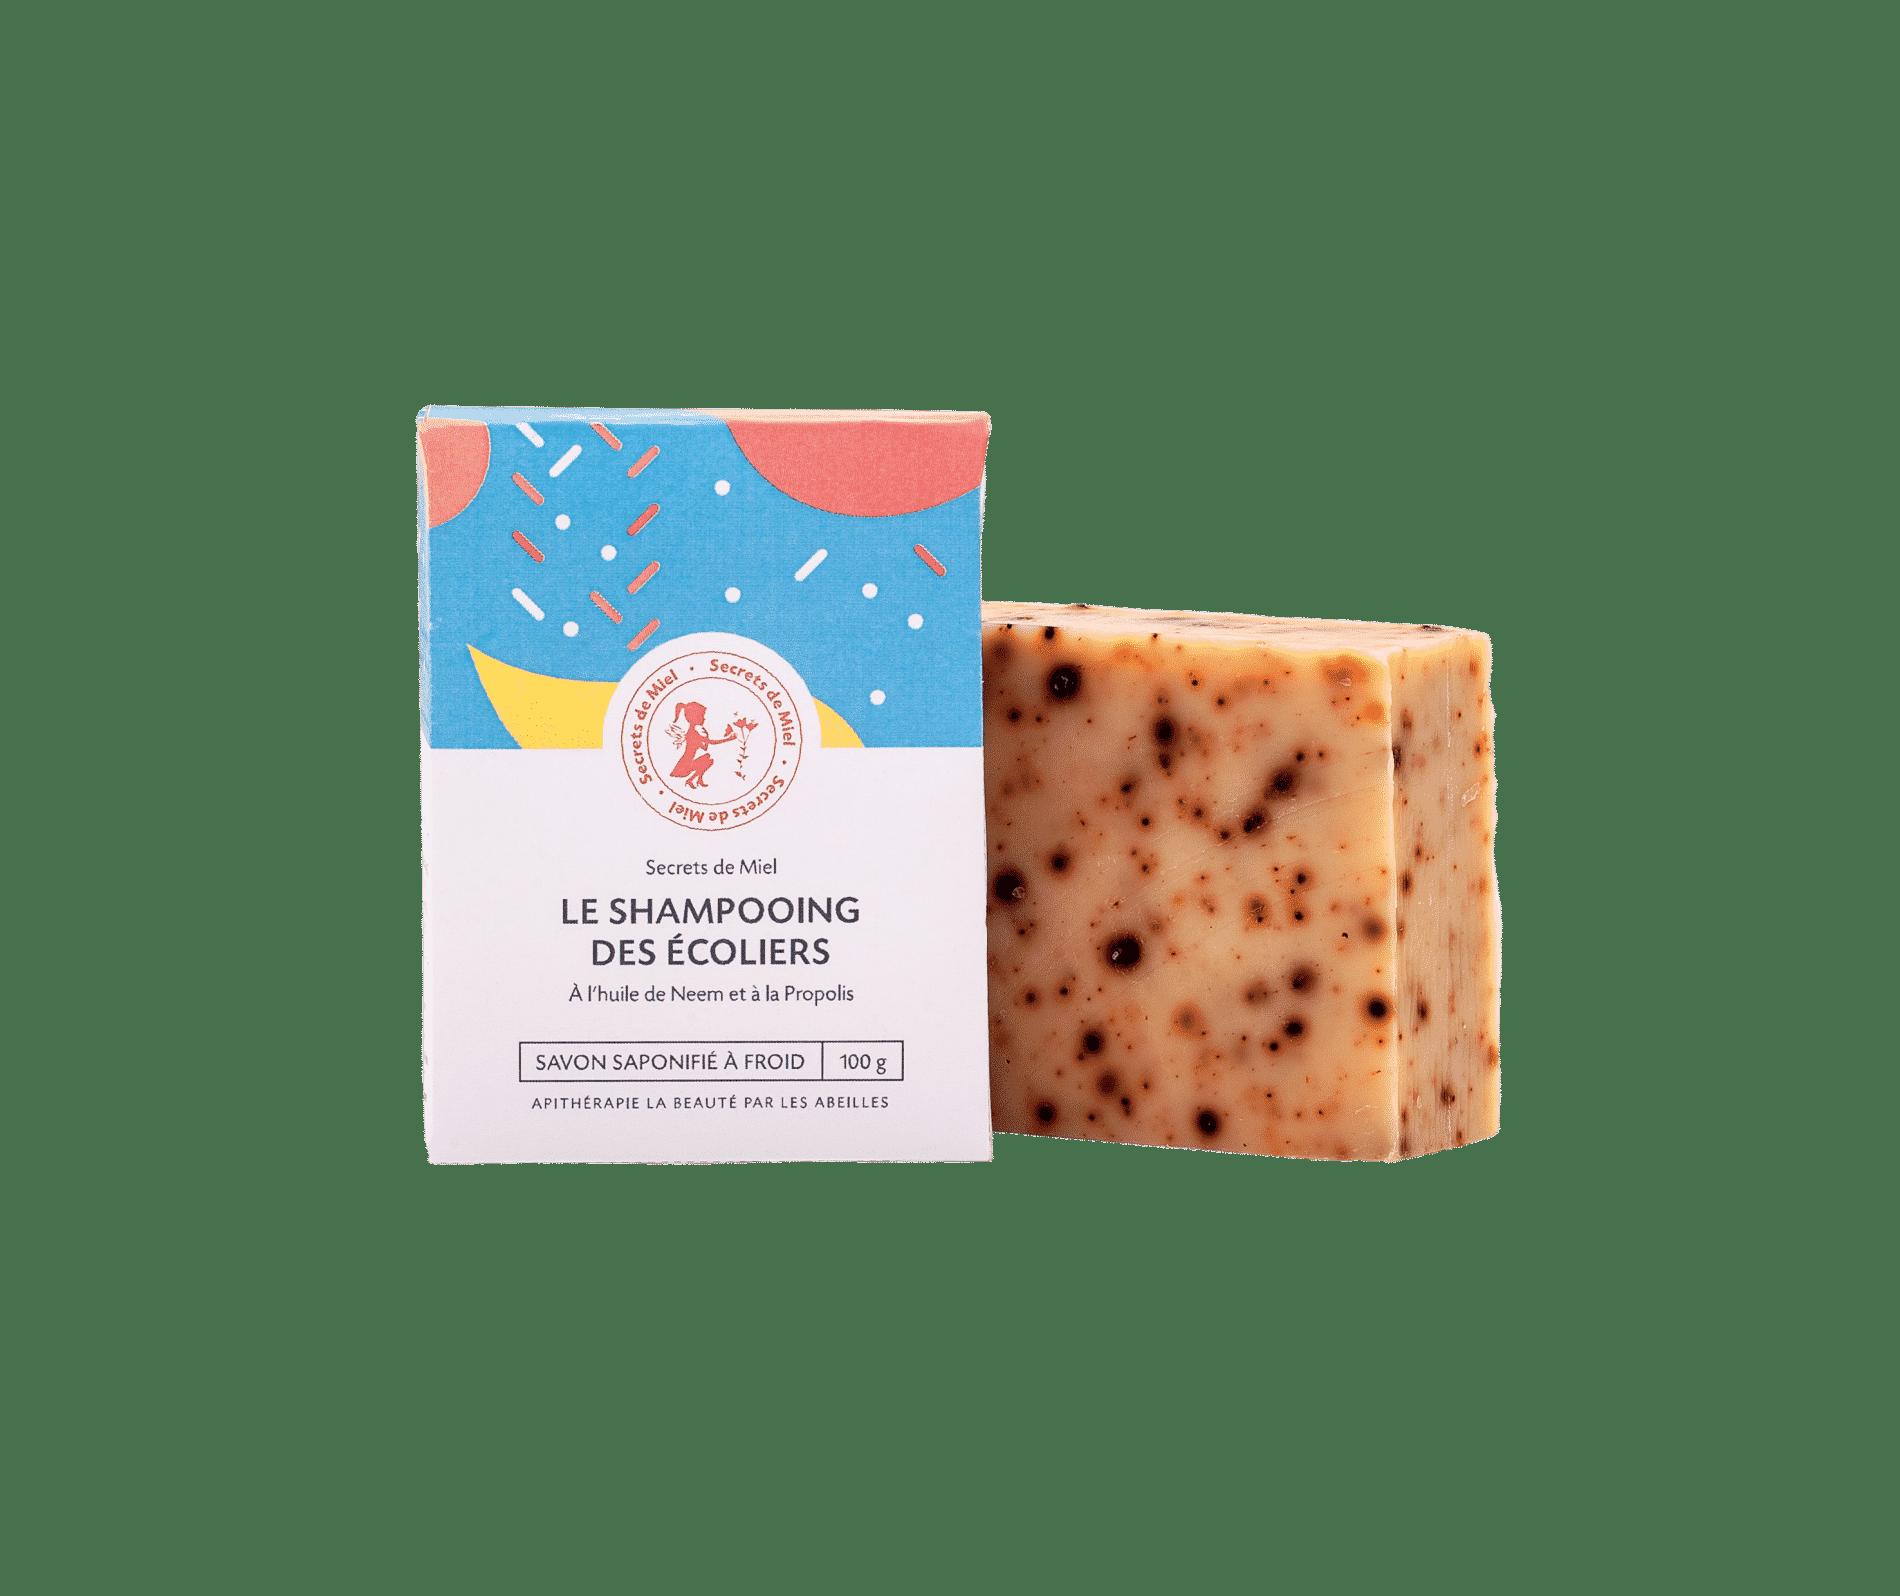 Shampooing solide - produit naturel - miel - poux - Secrets de Miel